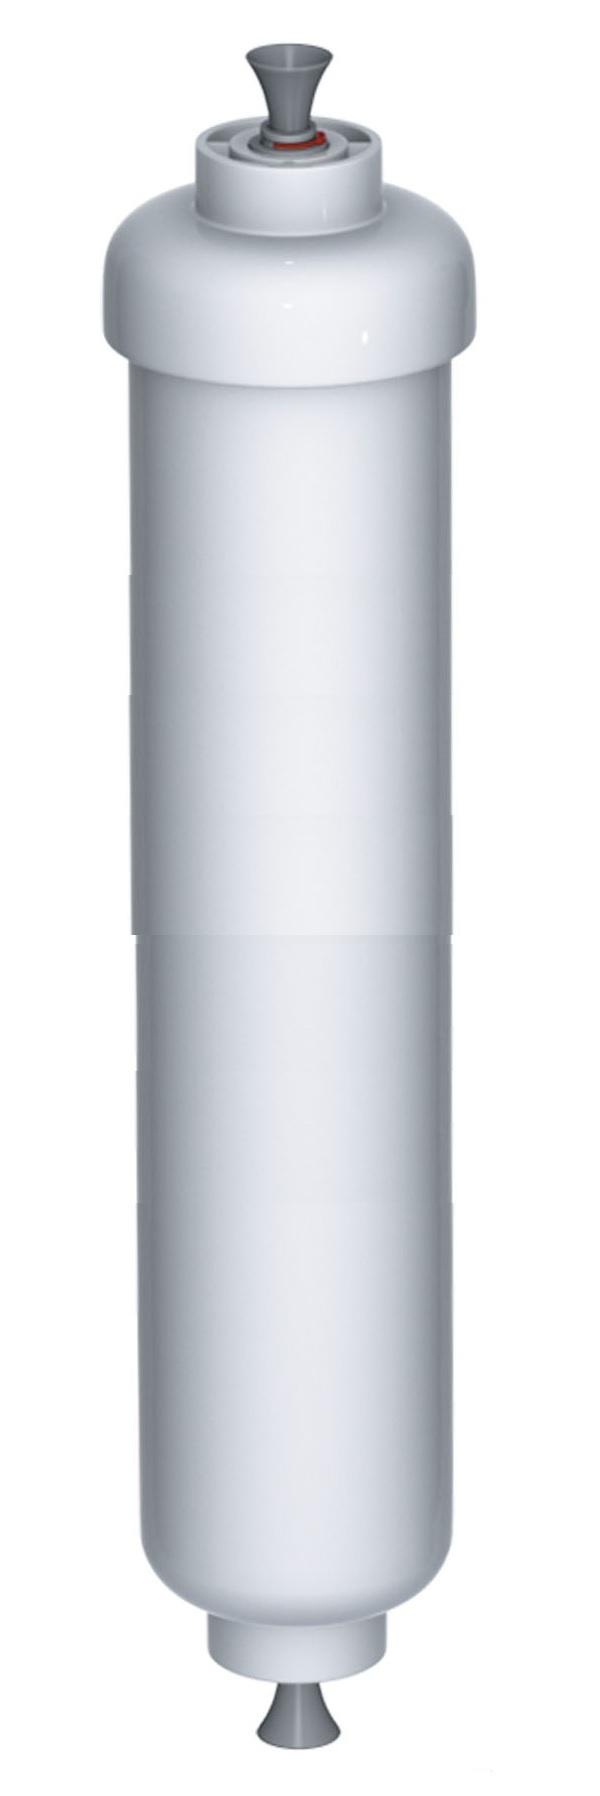 Угольный постфильтр, быстросъемное соединение АКВА ПРО 428